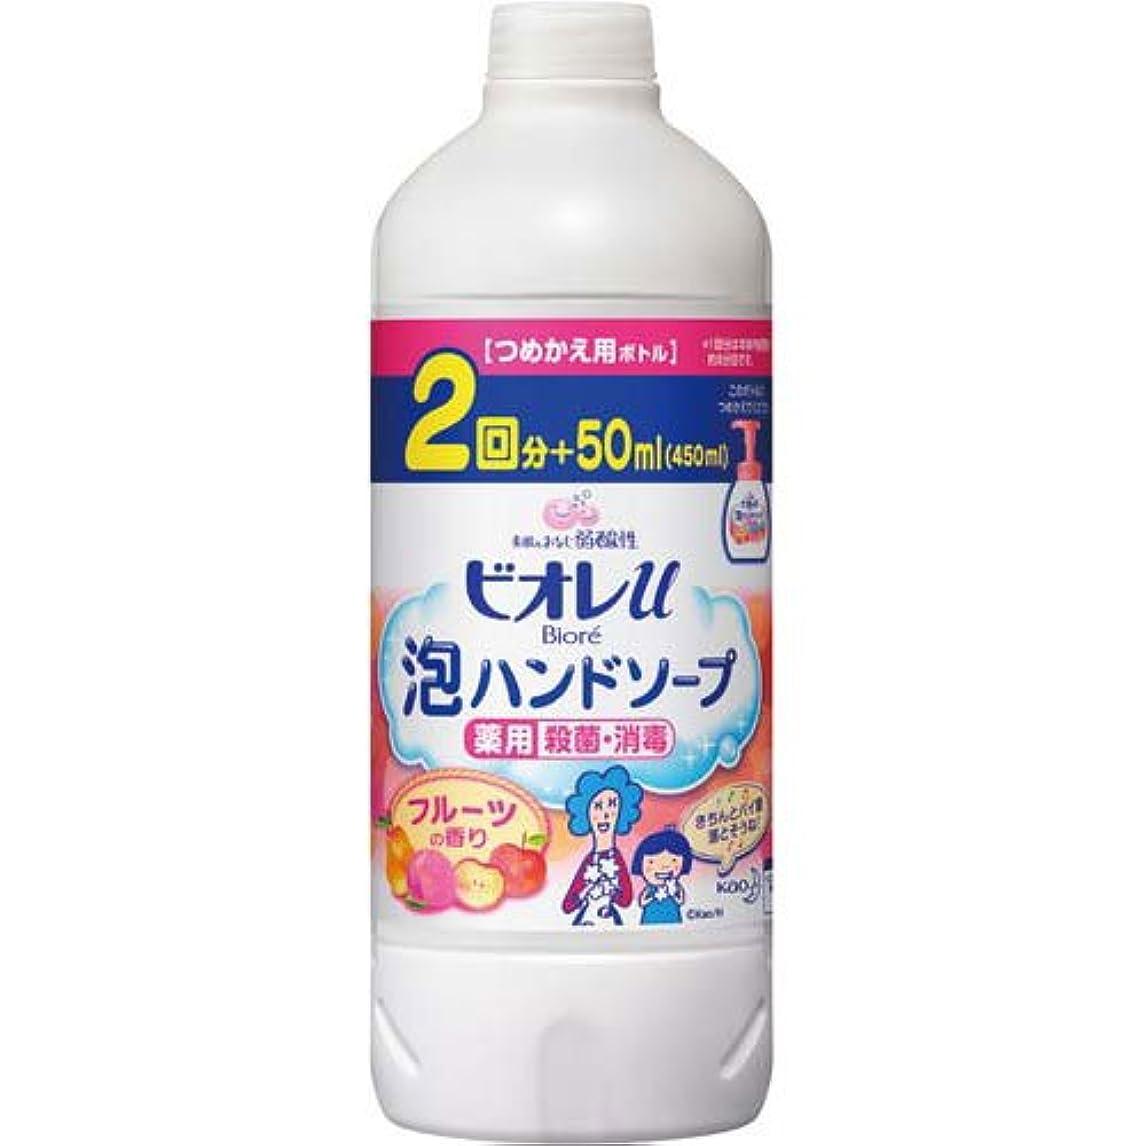 単語モザイク擬人花王 ビオレu 泡ハンドソープ フルーツ 詰替×24本